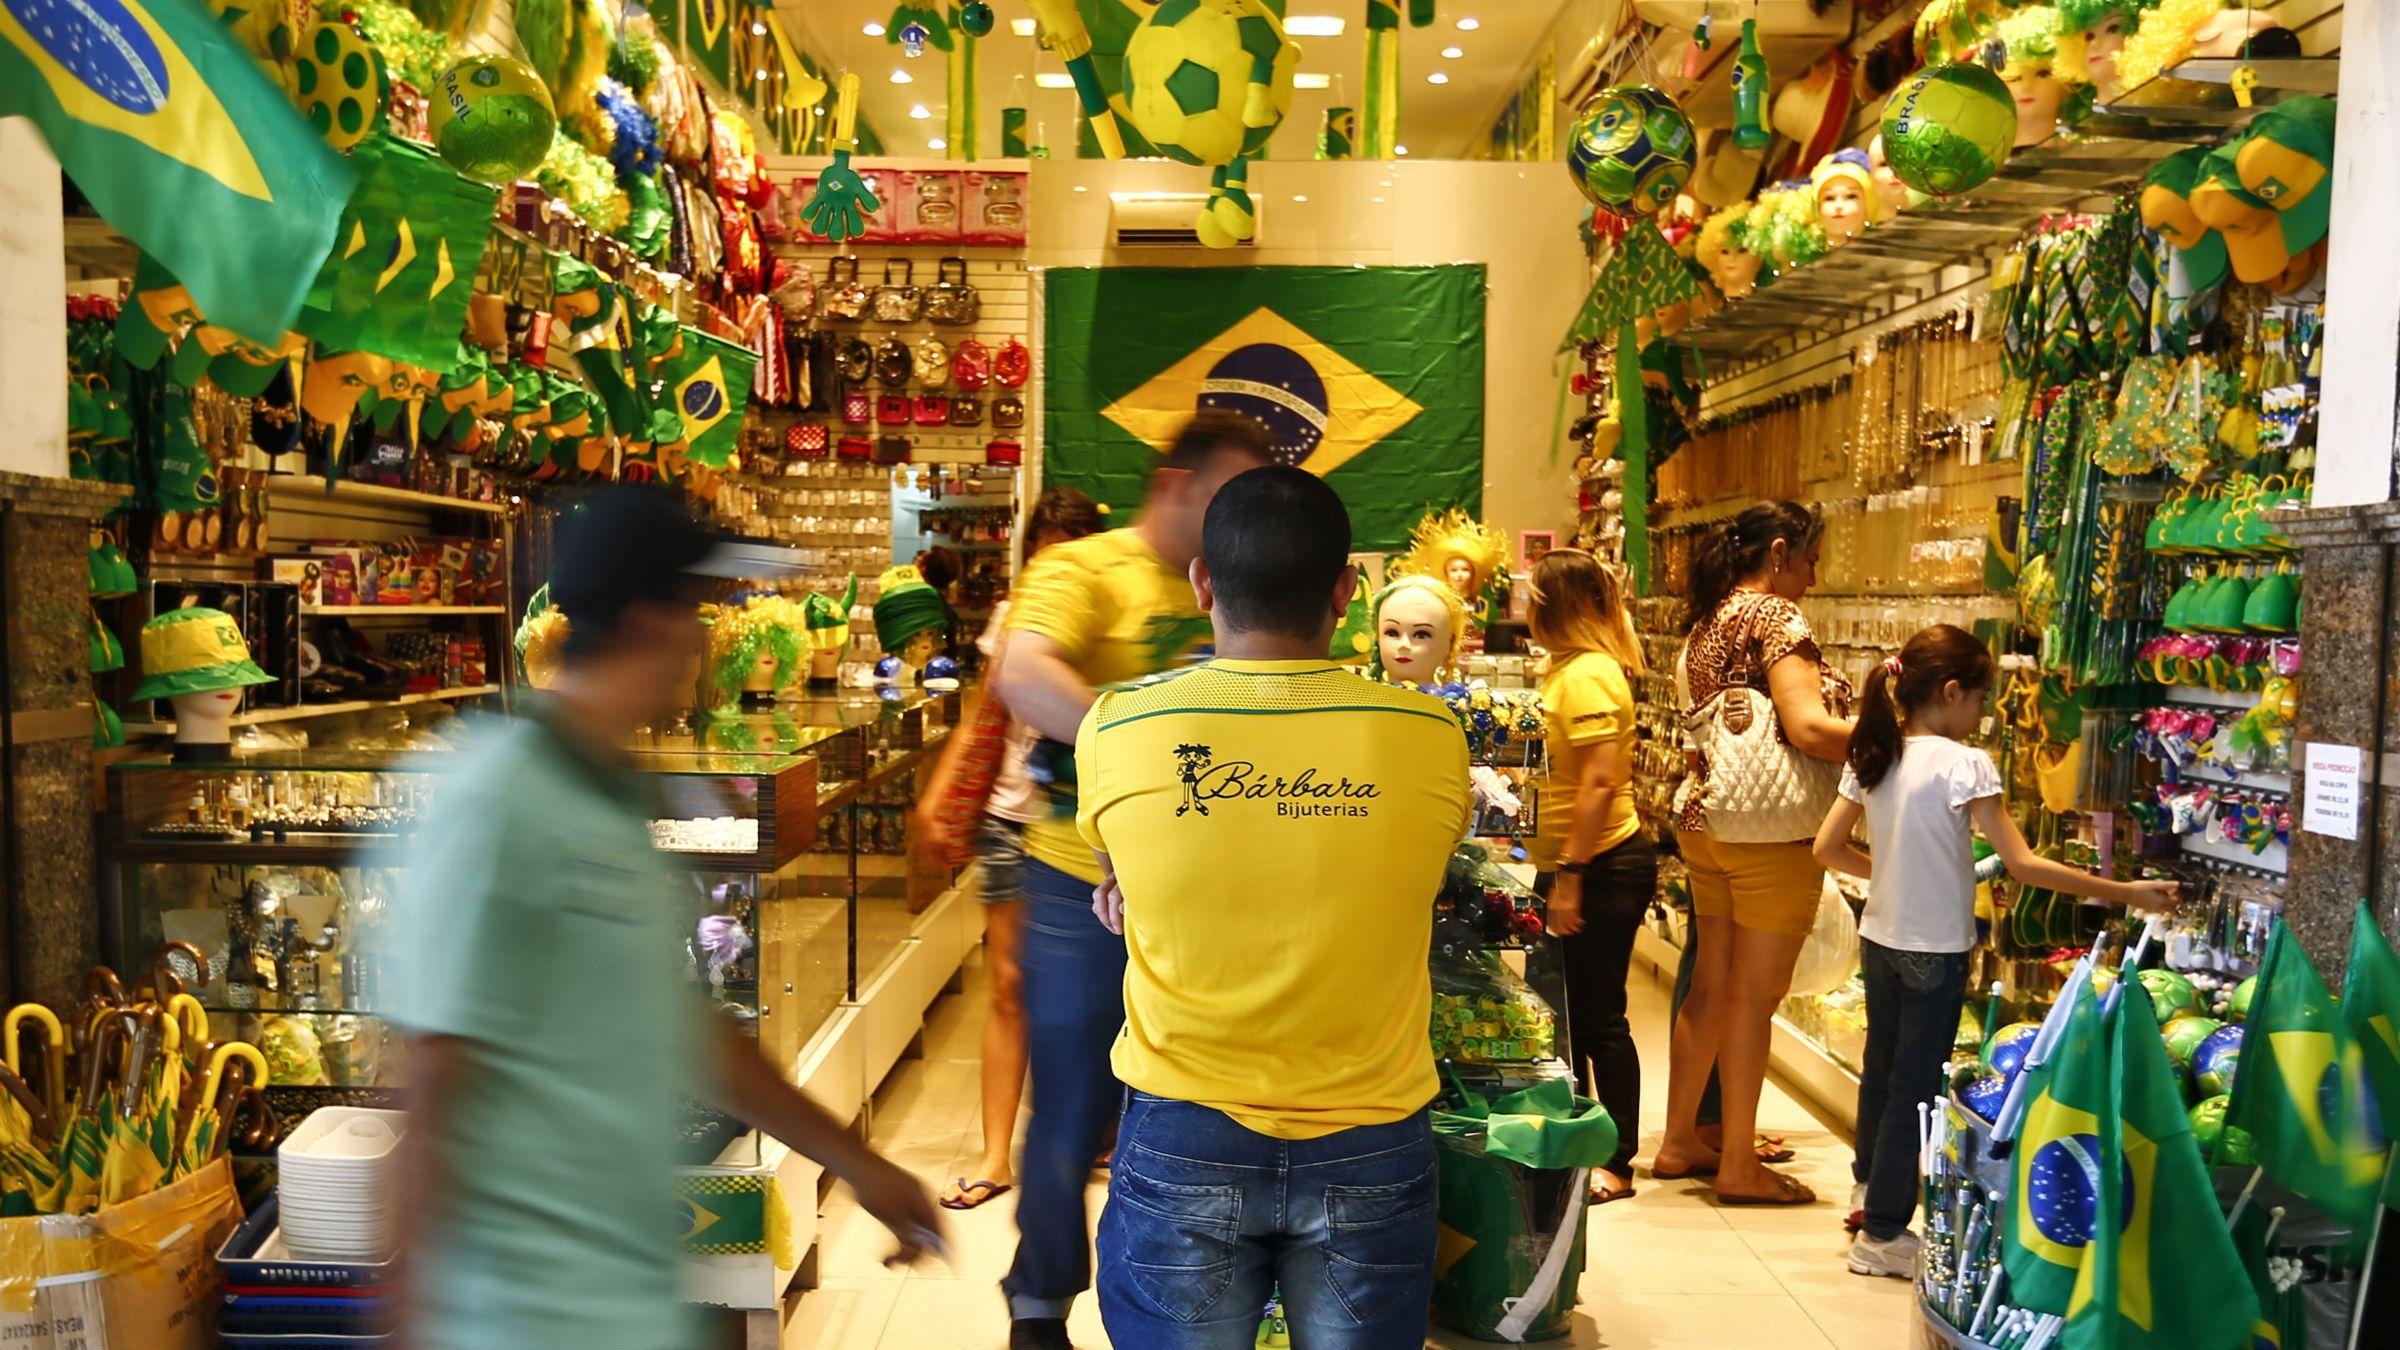 Souvenir store in Brasil